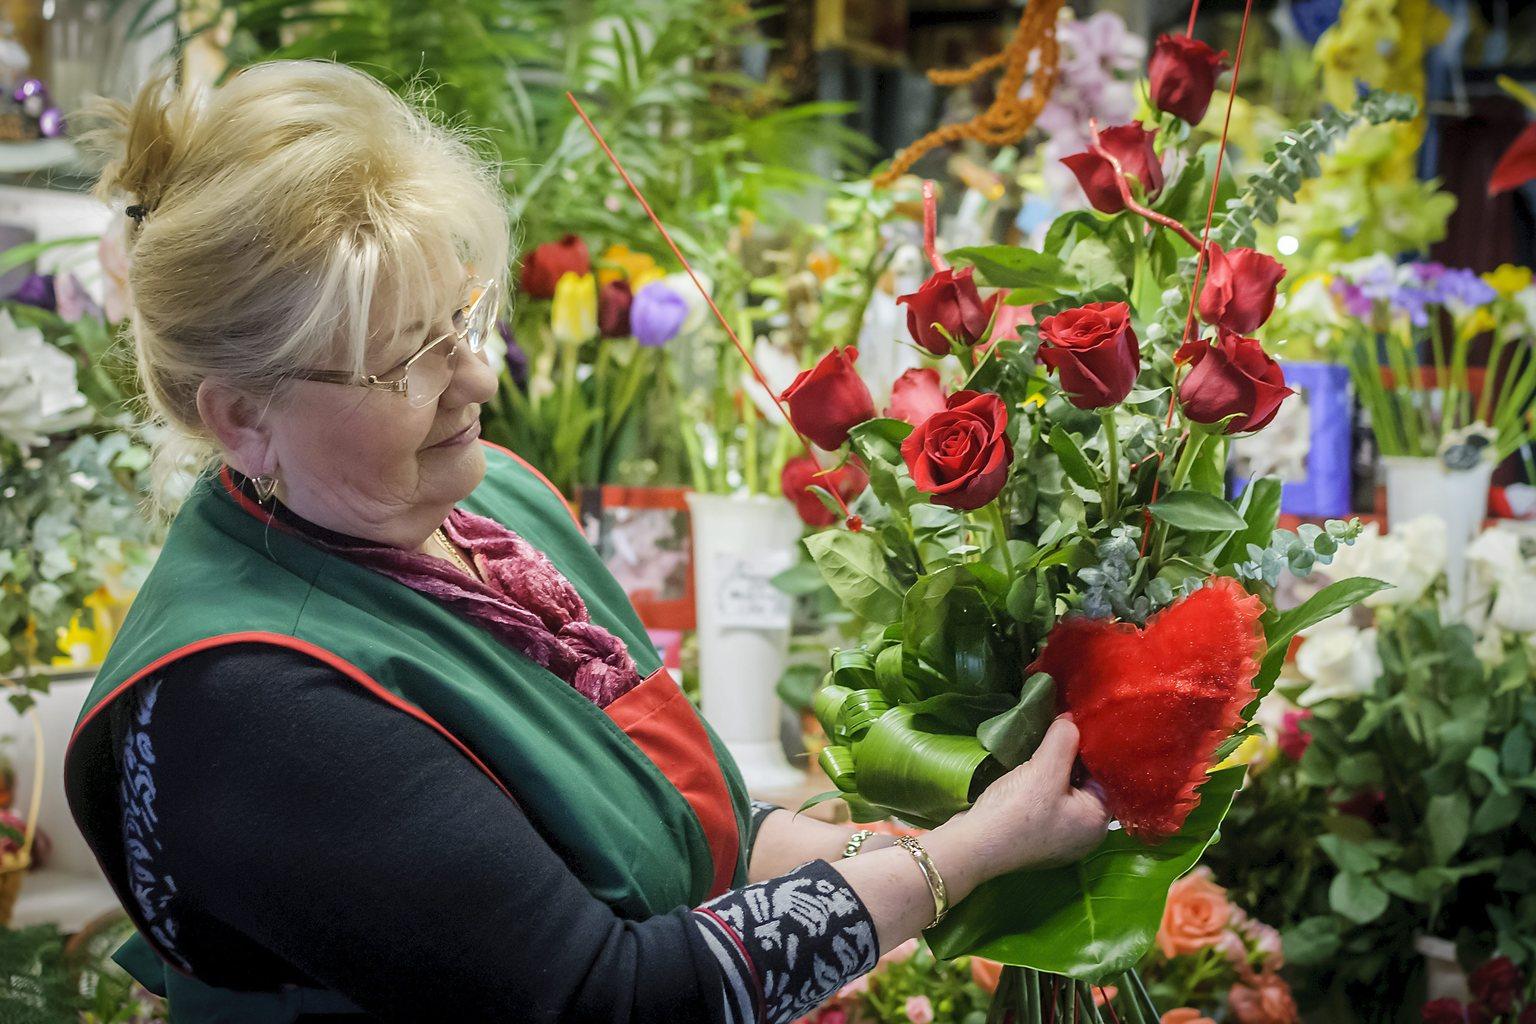 Borúzs Mária virágkötő egy Valentin-napi csokrot készít debreceni üzletében 2014. február 14-én. Február 14. Szent Bálint, avagy Valentin napja, a szerelmesek ünnepe, amikor az emberek világszerte virággal, apró ajándékokkal lepik meg kedvesüket, szeretteiket. MTI Fotó: Czeglédi Zsolt